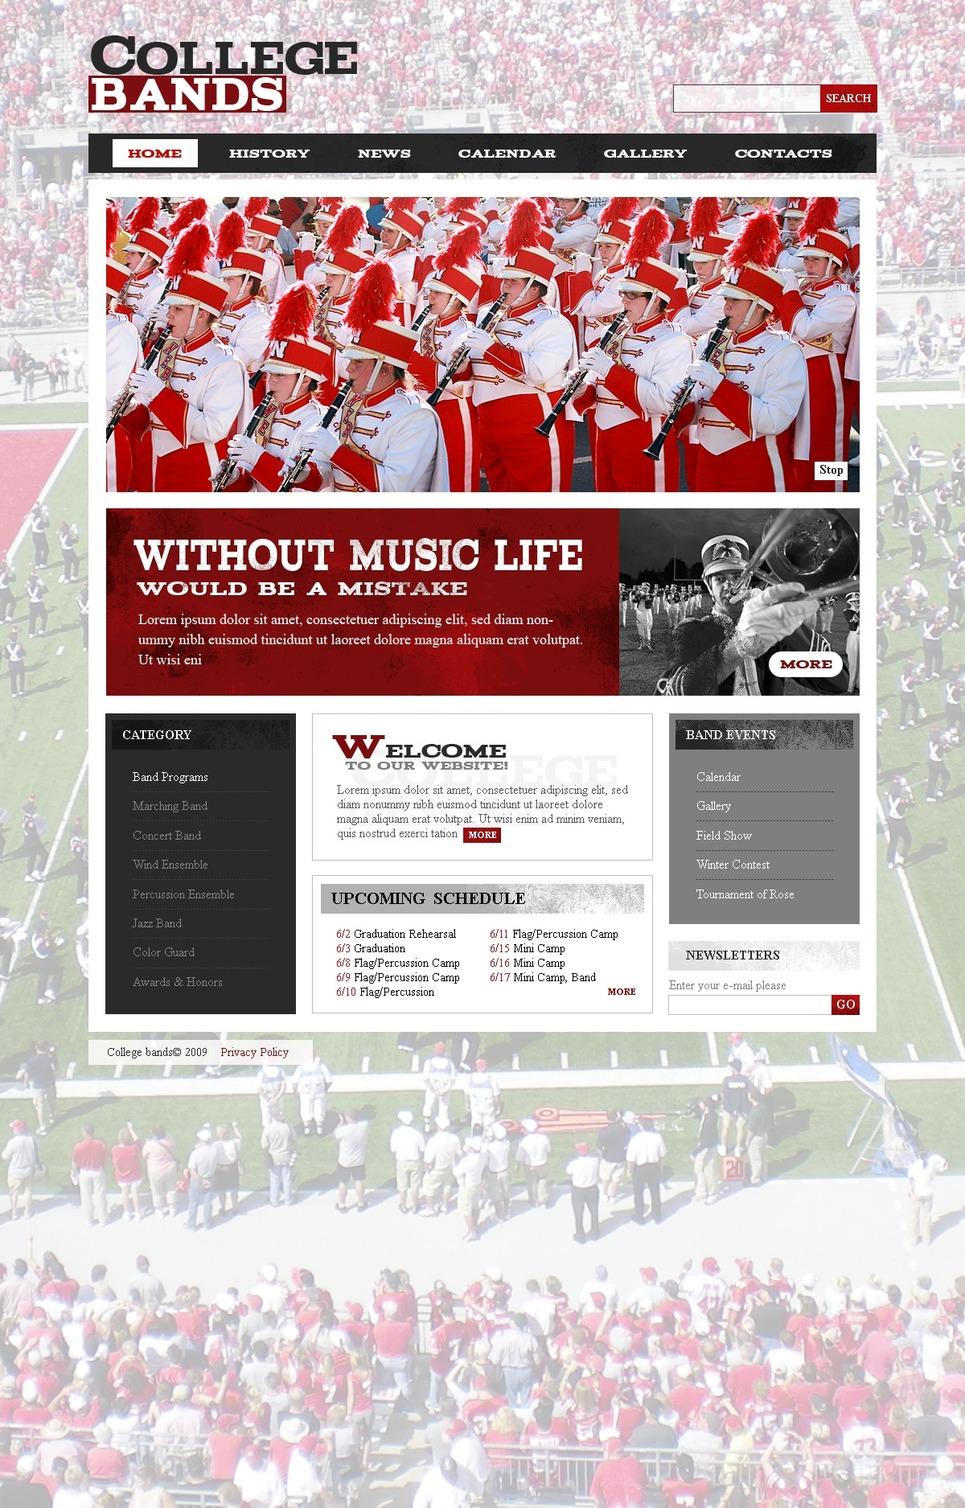 Music Band Website Template New Screenshots BIG